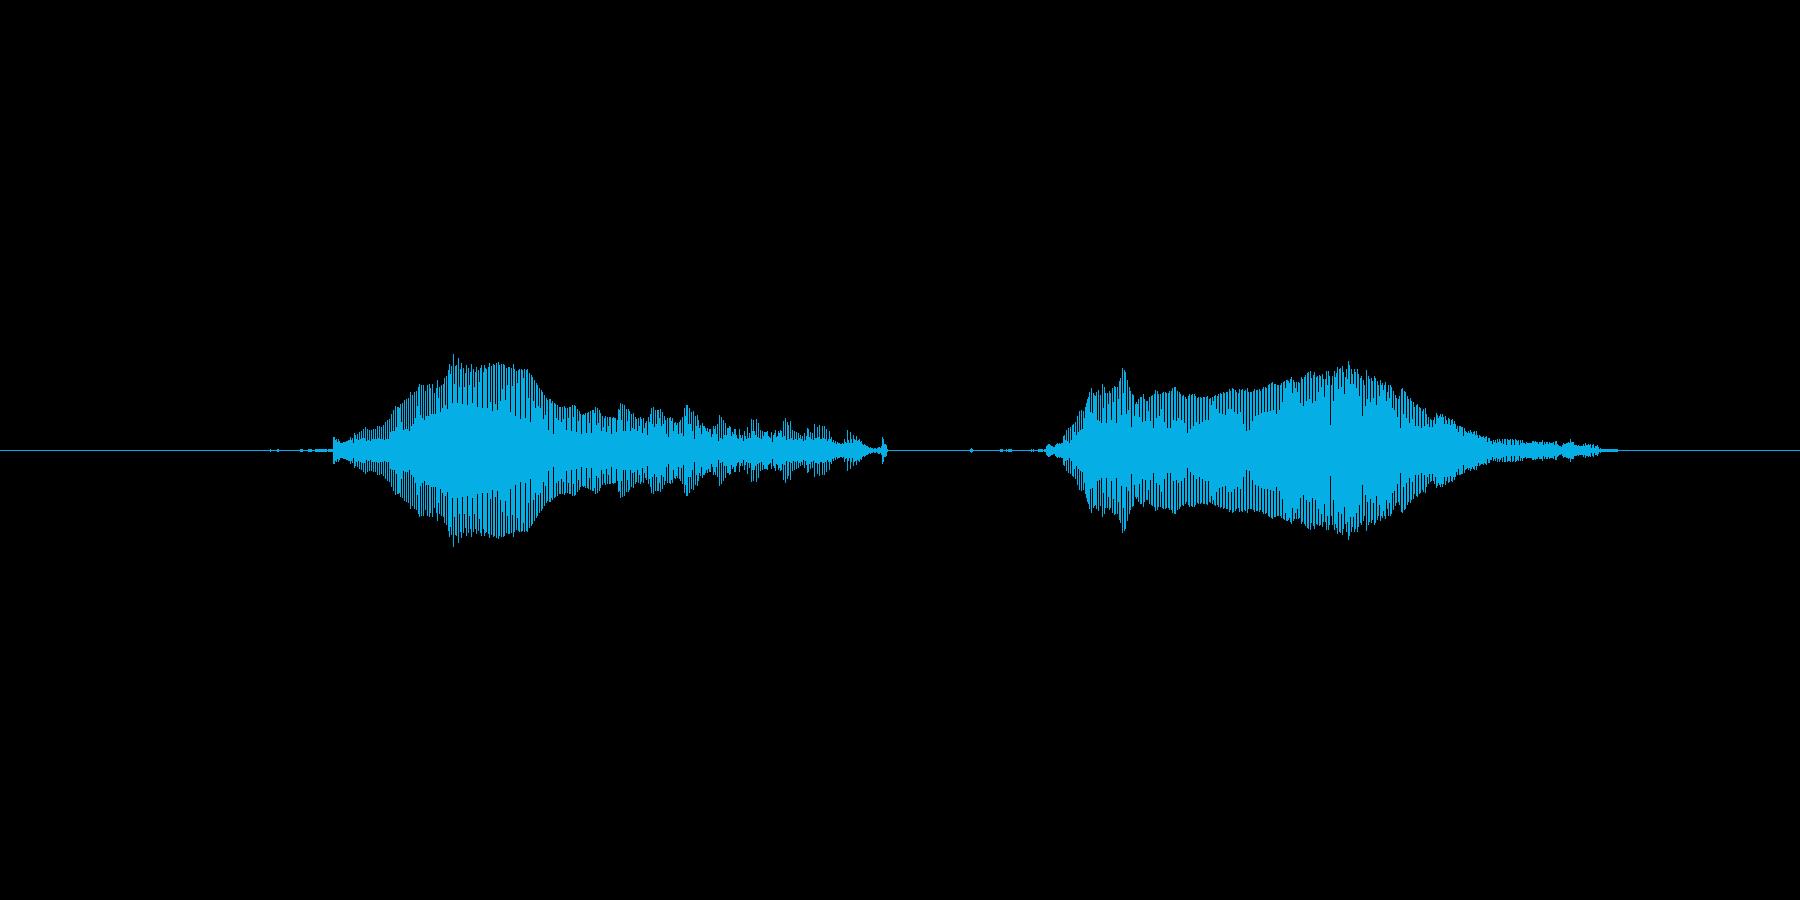 猫のミャーウミャーーウ(甘えた声)の再生済みの波形